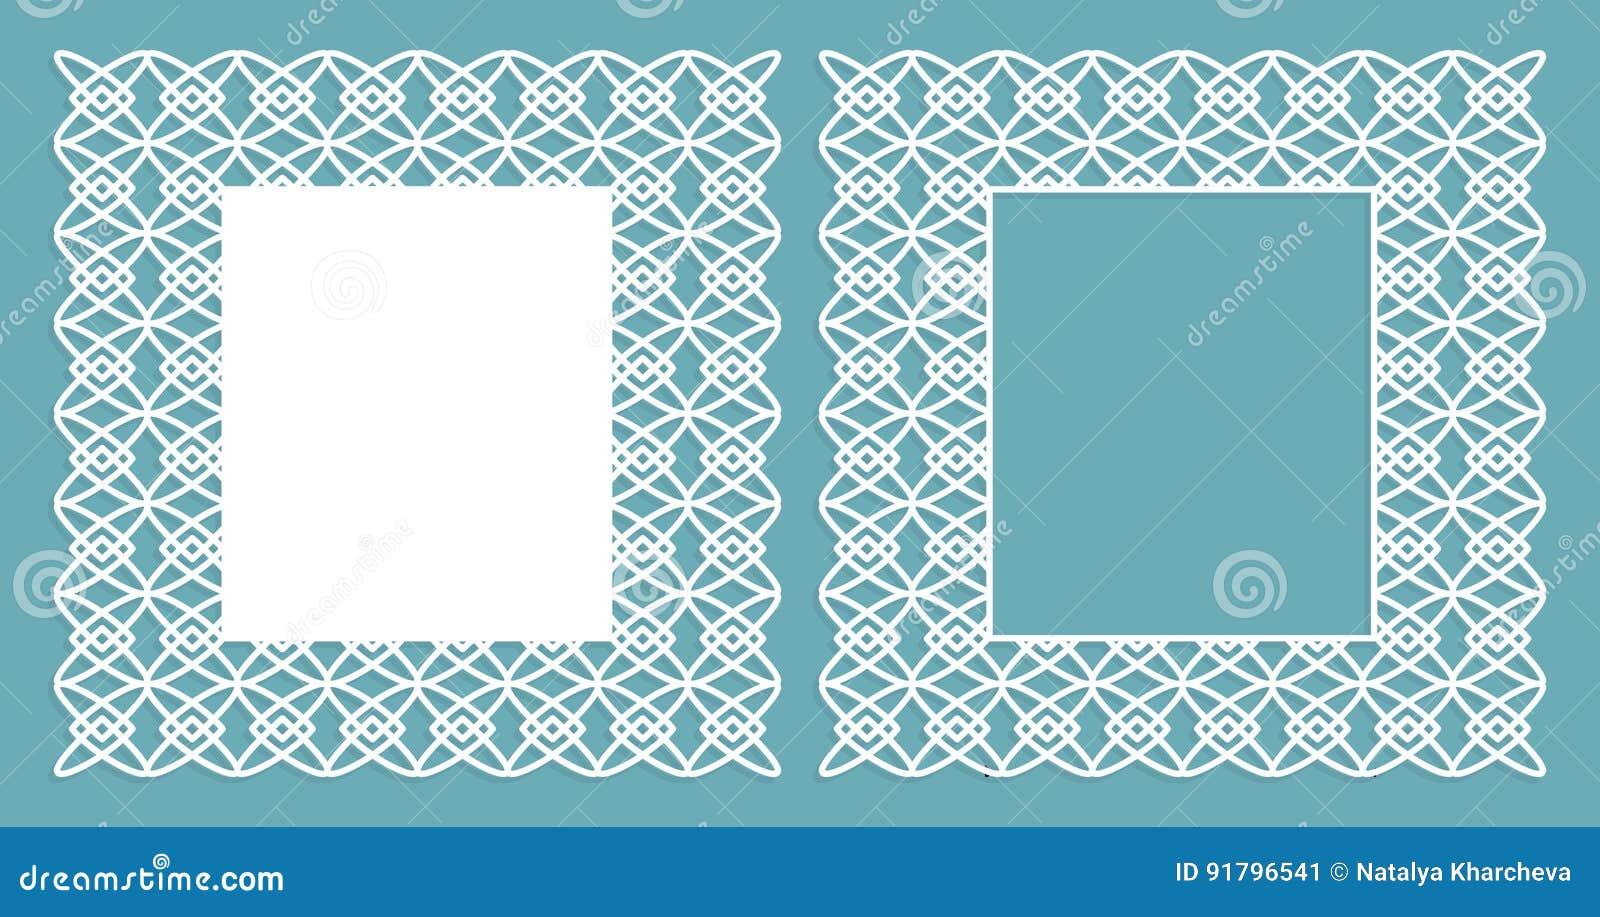 un sistema de los paneles decorativos para el corte del laser con un modelo geomtrico para